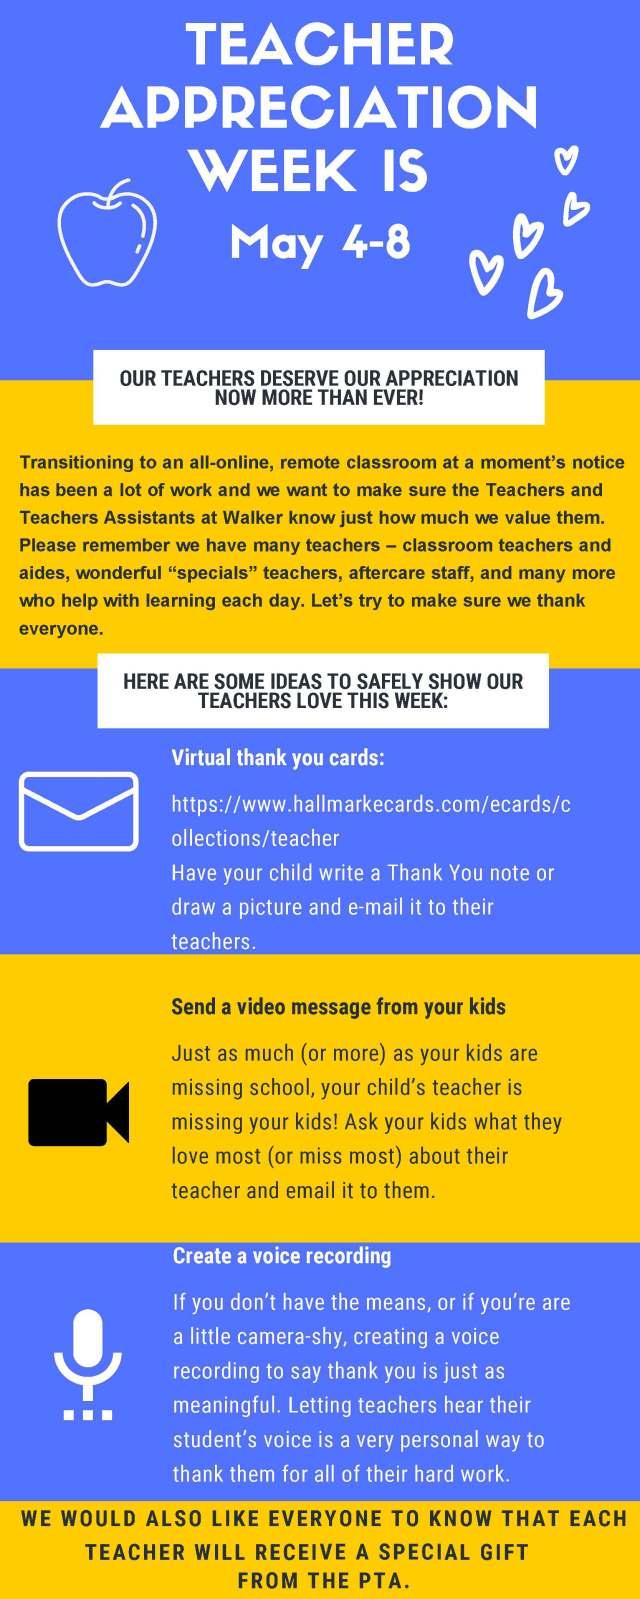 Walker Teacher Appreciation week EN&SP_Page_1